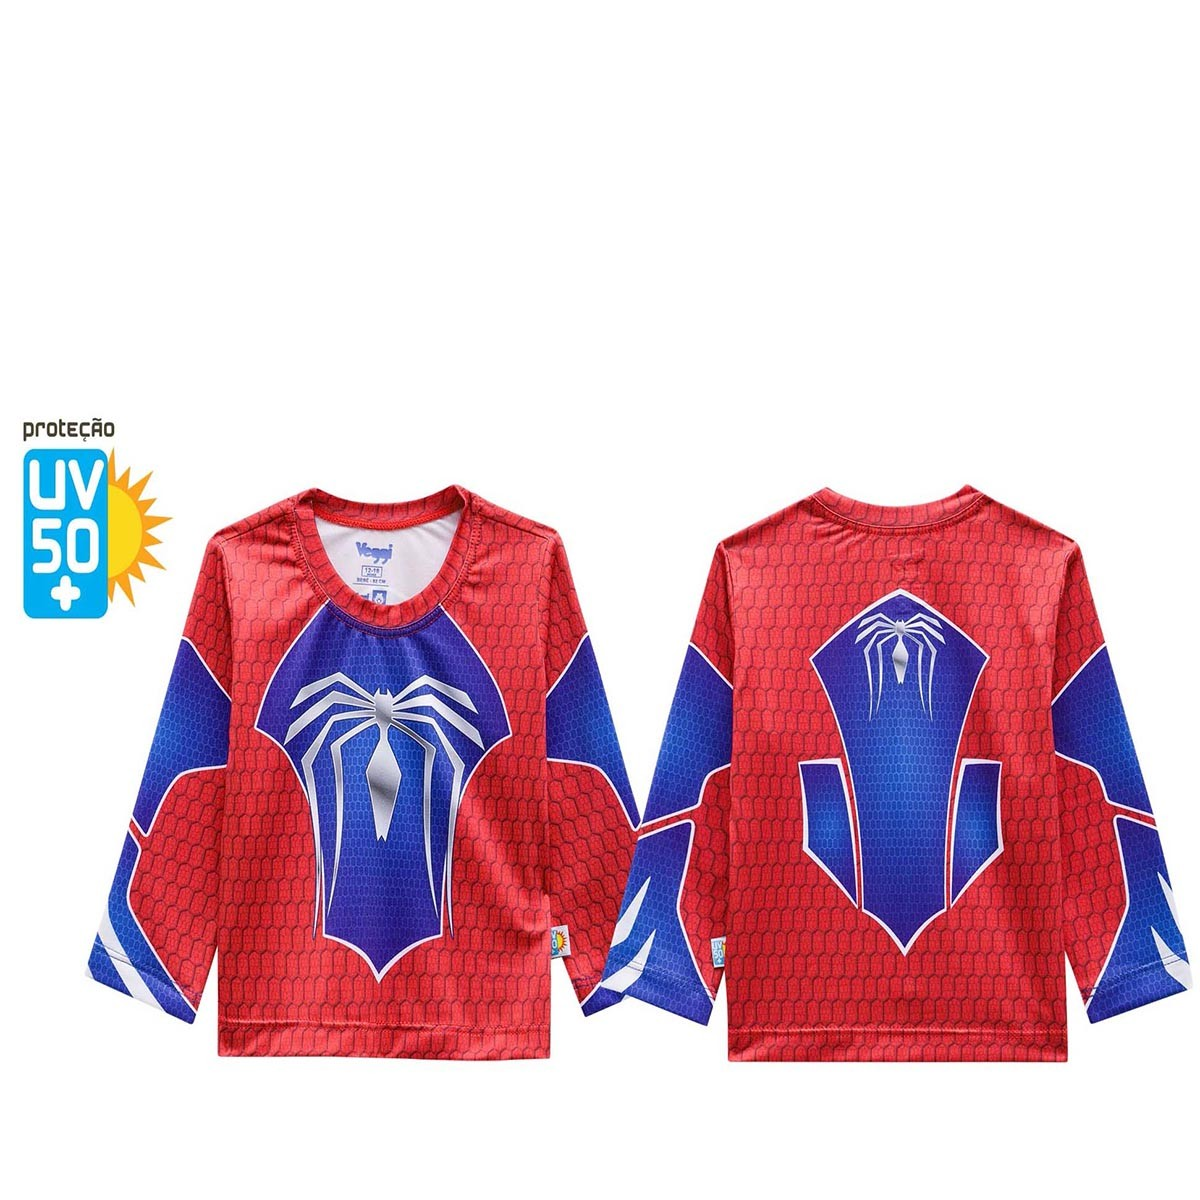 Camiseta proteção solar infantil azul vermelha homem aranha